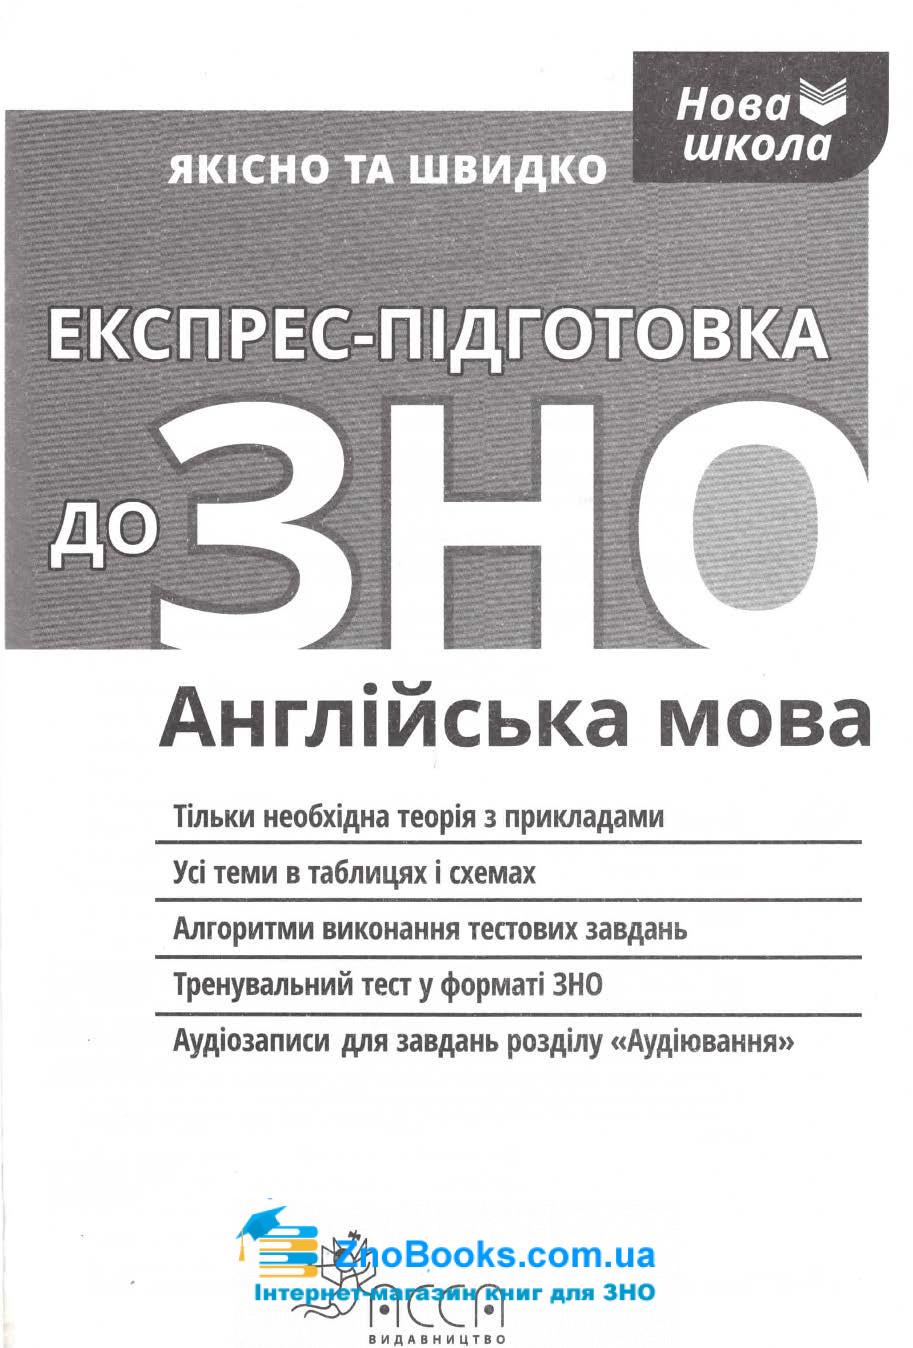 Експрес-підготовка з англійської мови до ЗНО. Асса купити 1